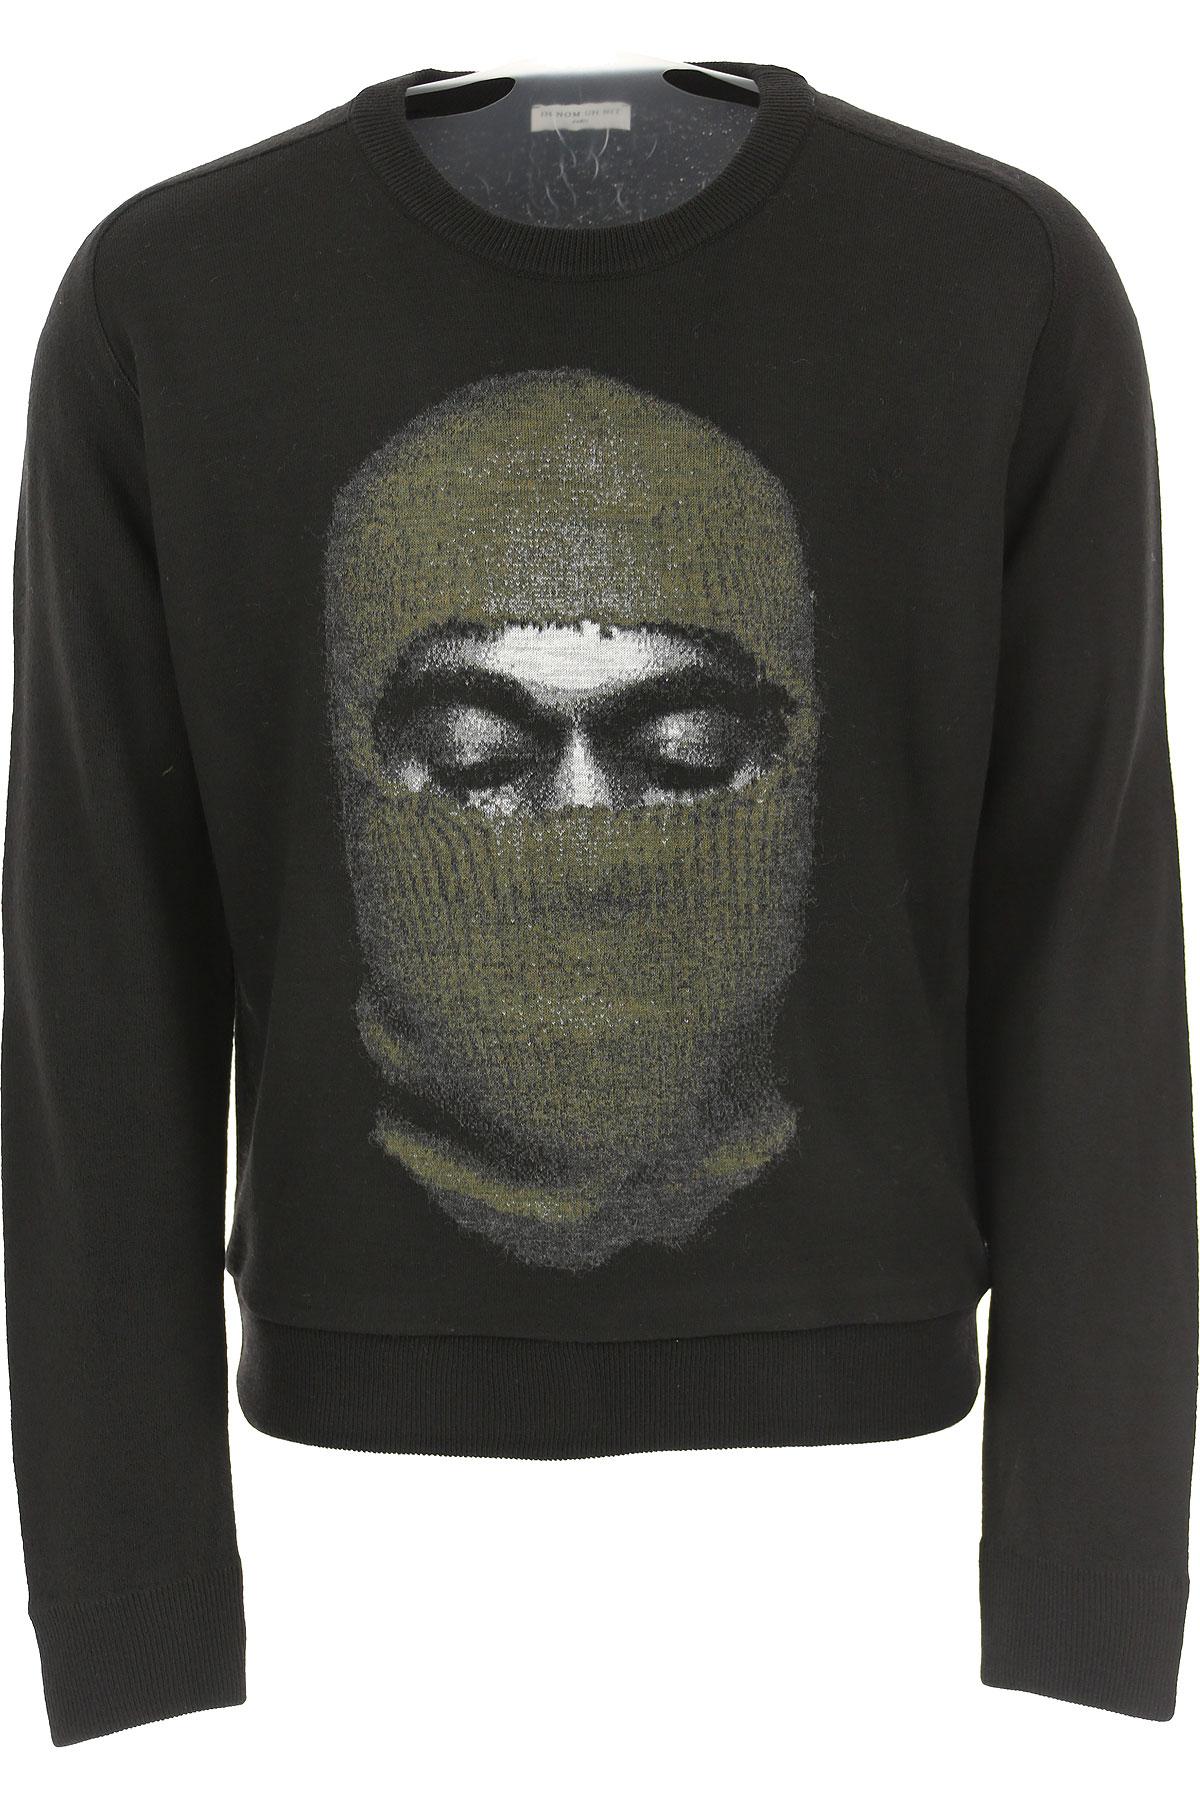 Ih Nom Uh Nit Sweater for Men Jumper On Sale, Black, Acrylic, 2019, L M